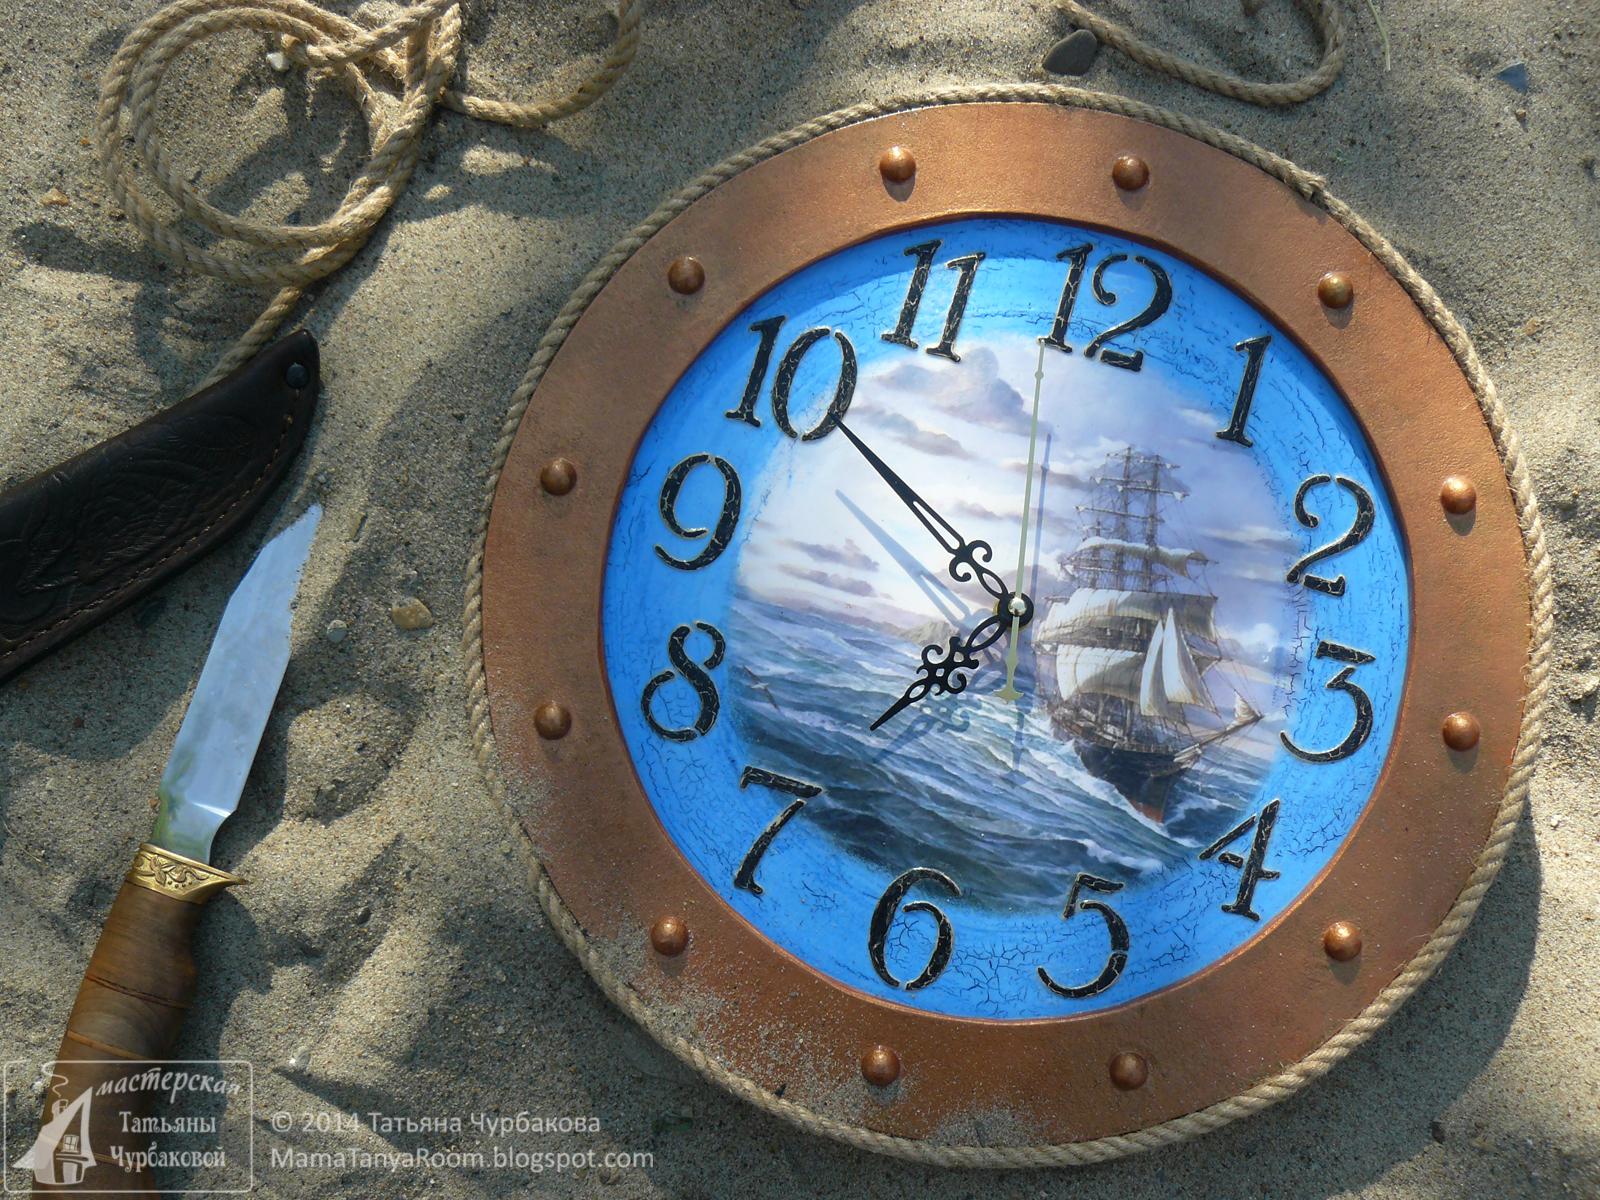 часы клипер катти сарк декупаж